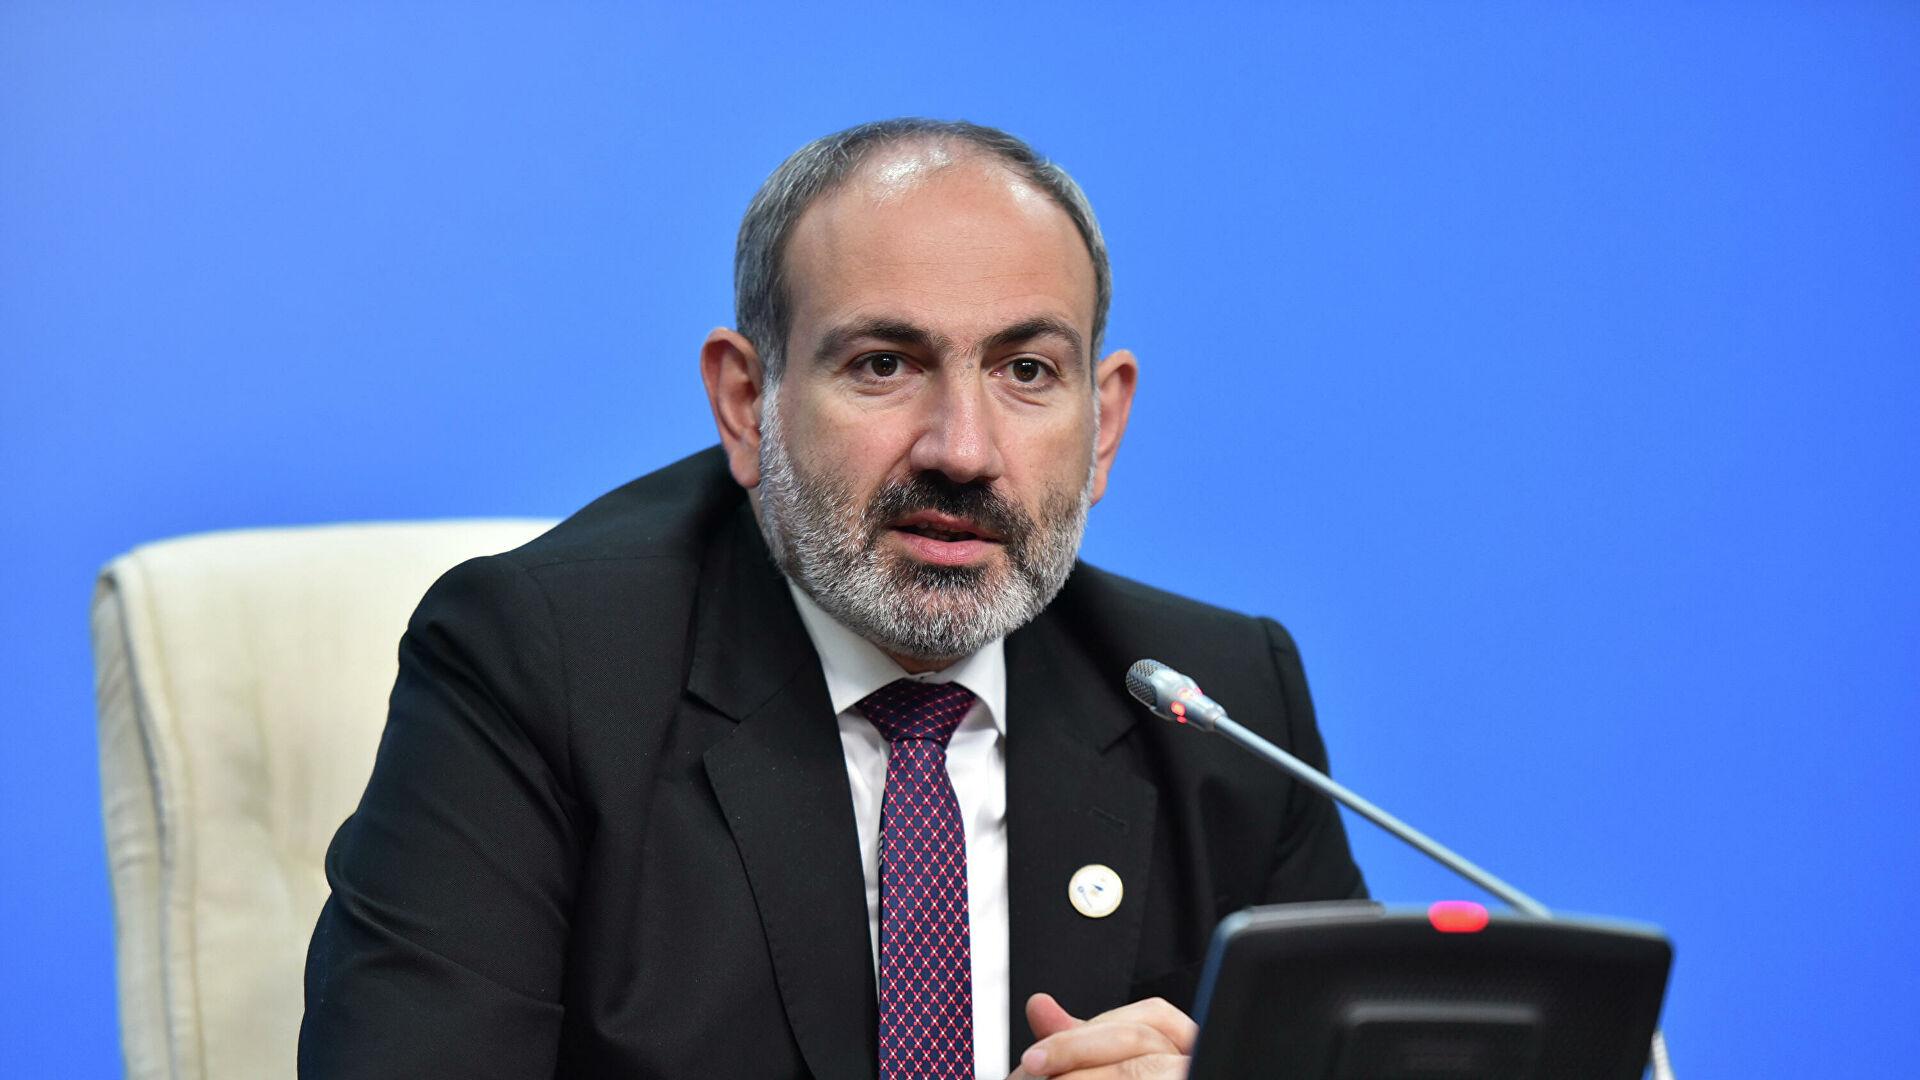 Jermenski premijer podneo ostavku